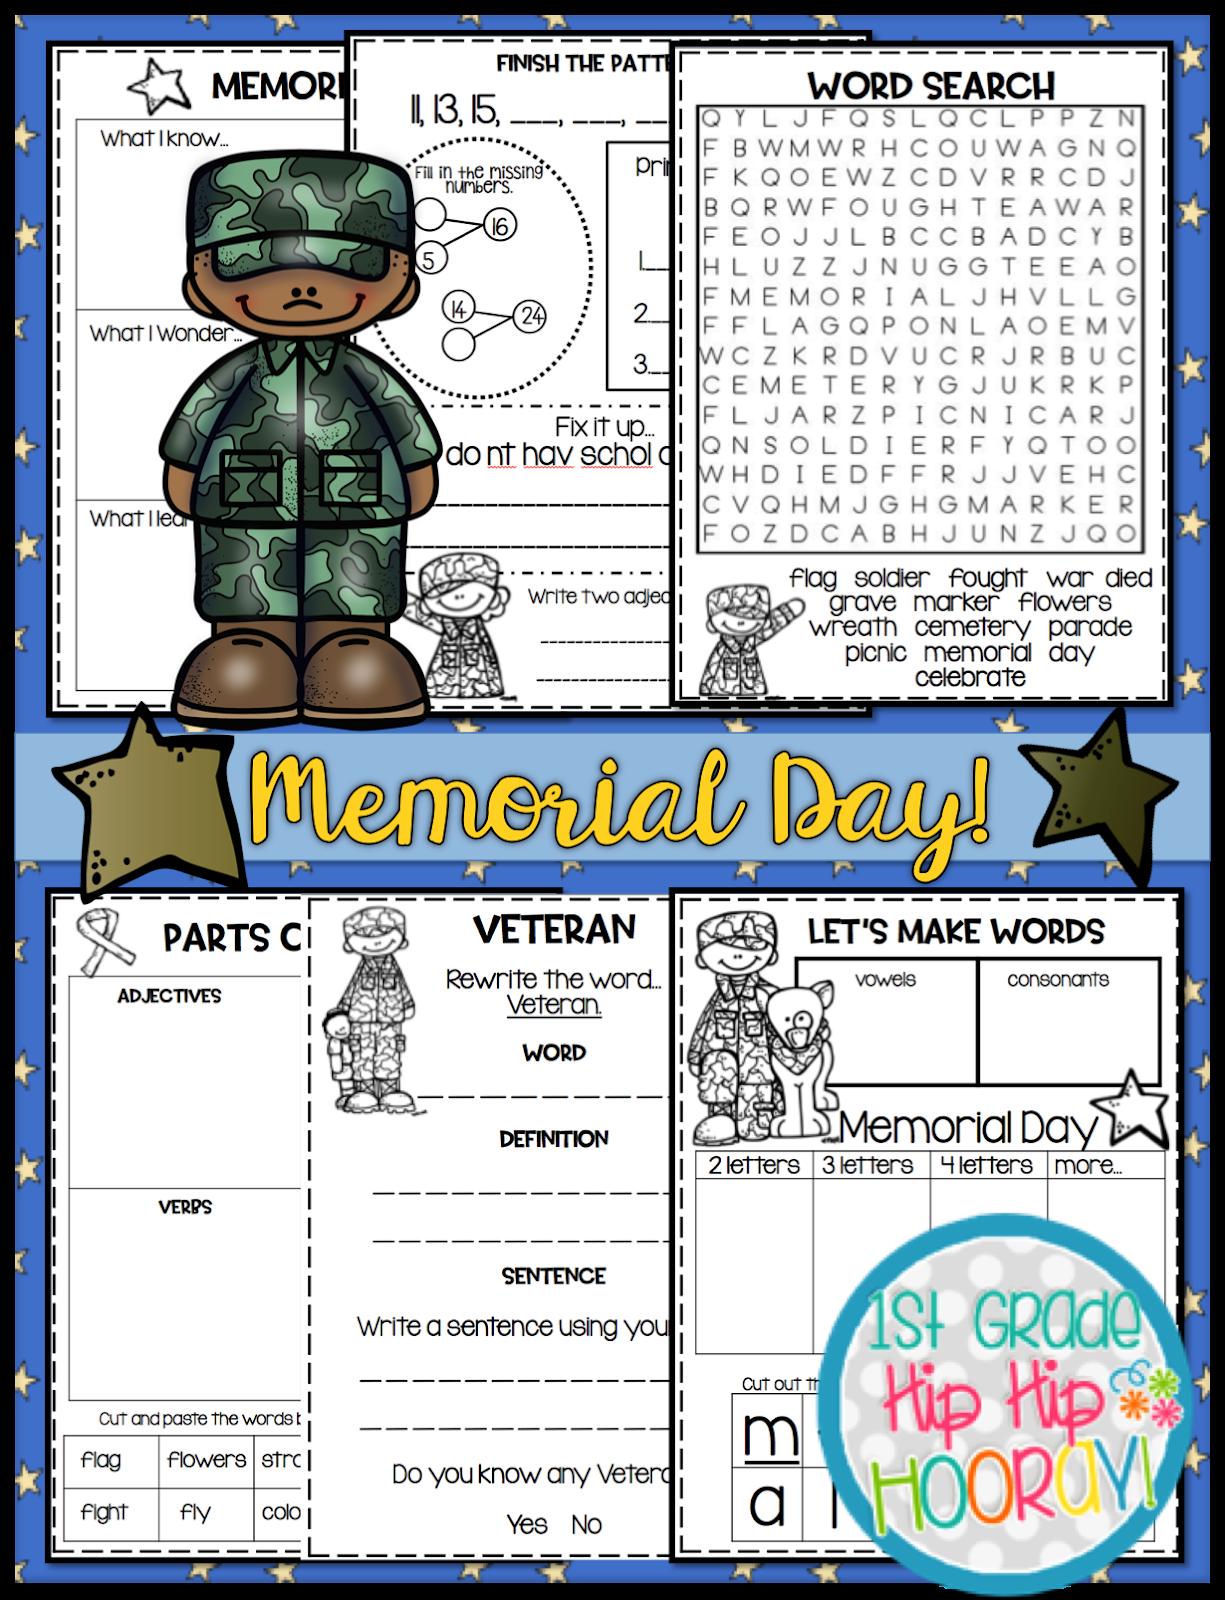 1st Grade Hip Hip Hooray Memorial Day Per Pencil Or